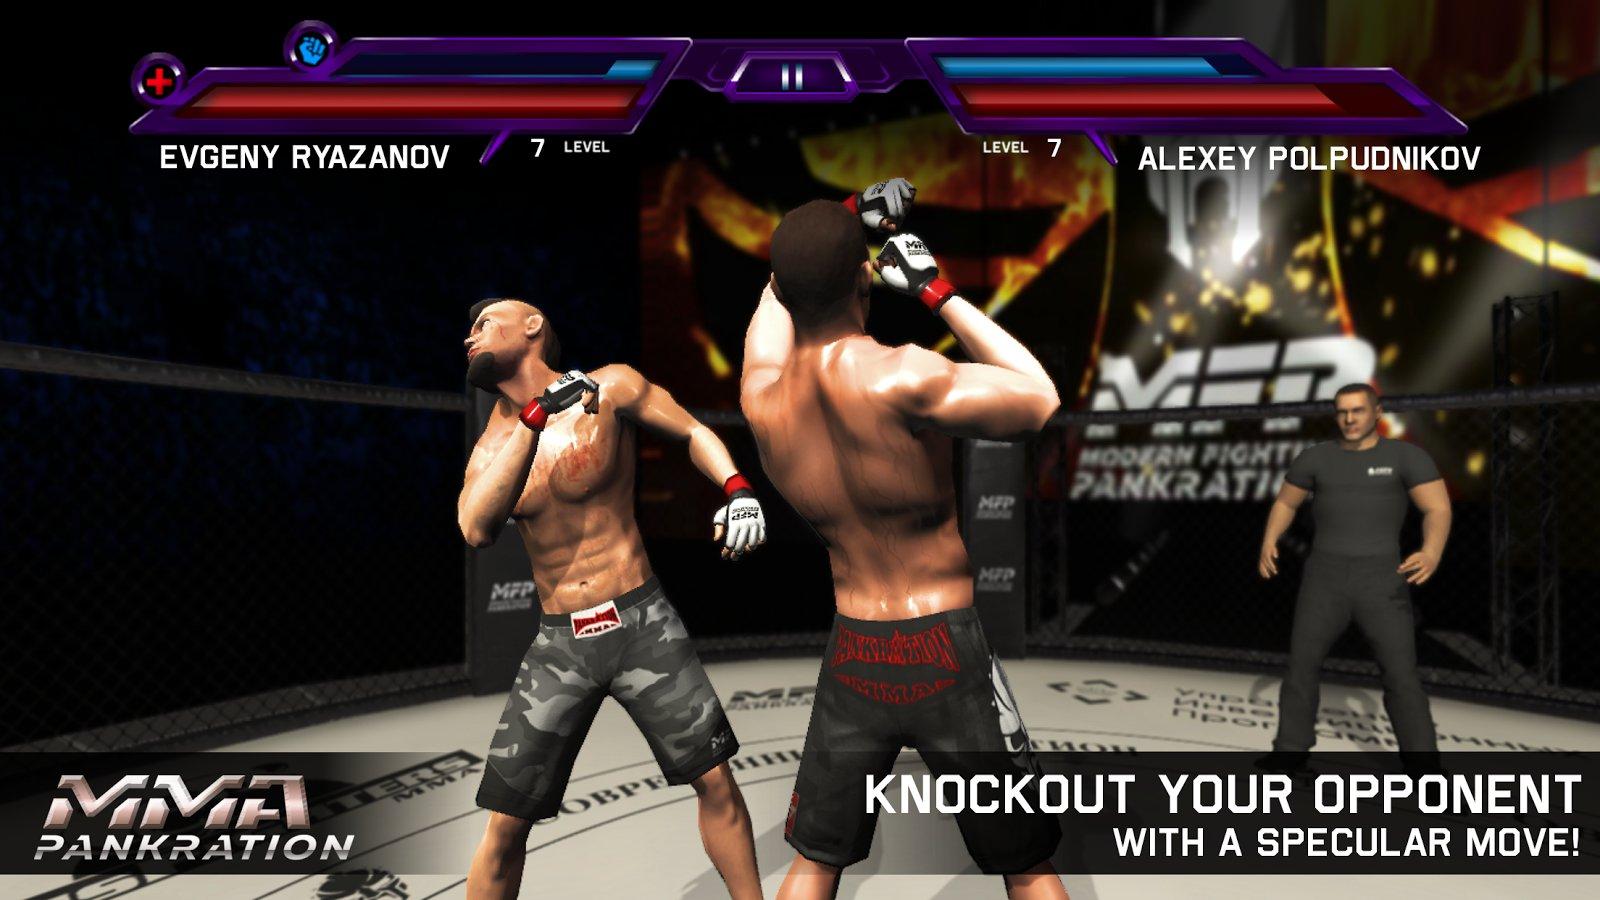 Скачать игру ea sports ufc бои без правил на андроид бесплатно.